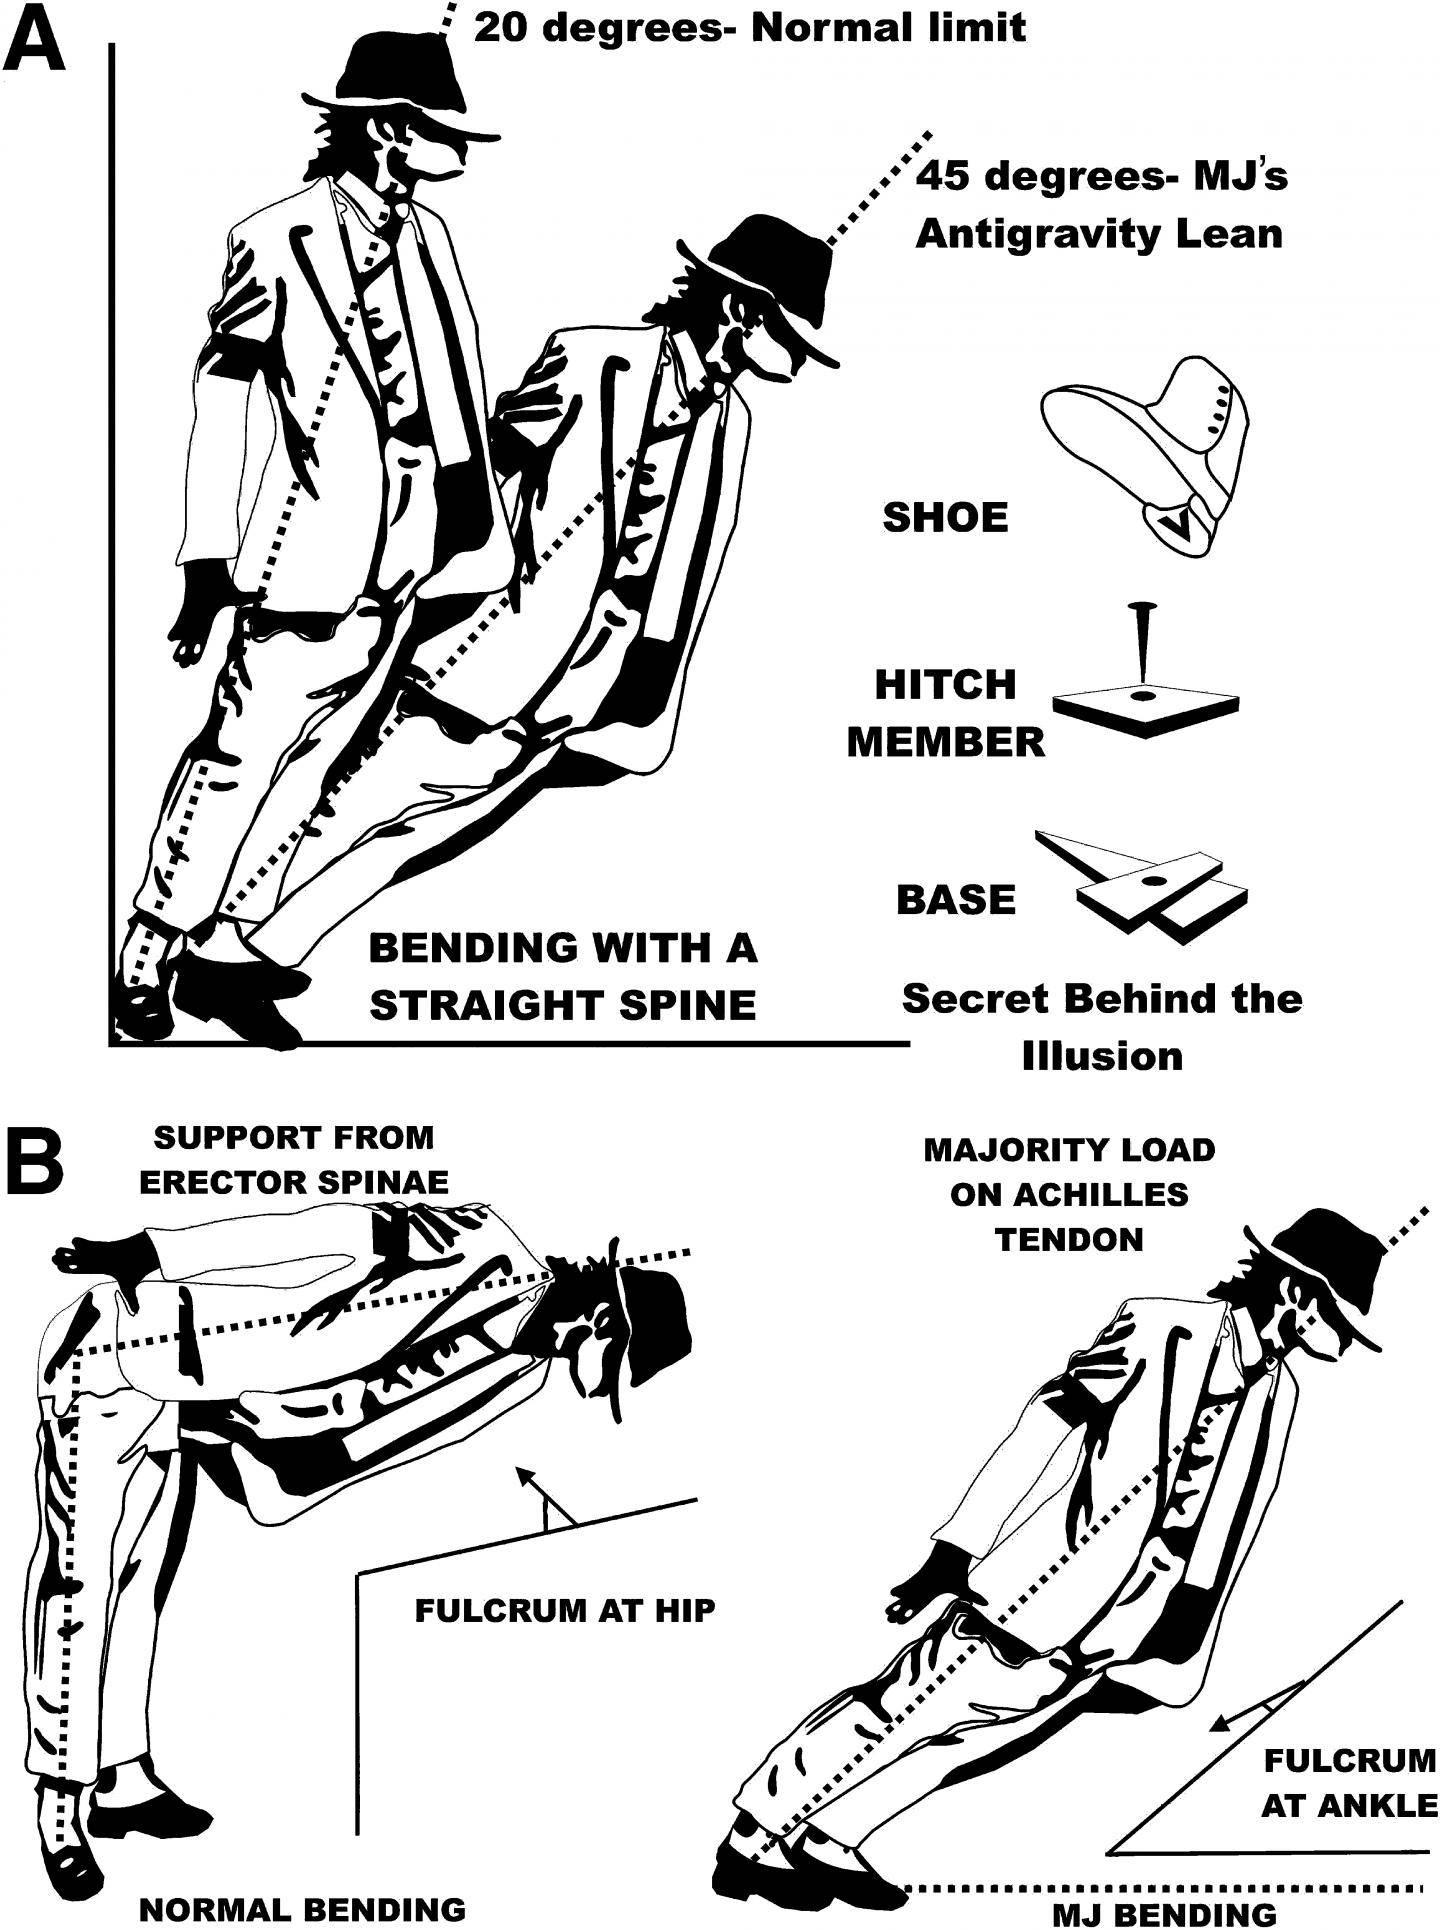 Científicos descifran secreto físico de Michael Jackson para inclinarse 45°